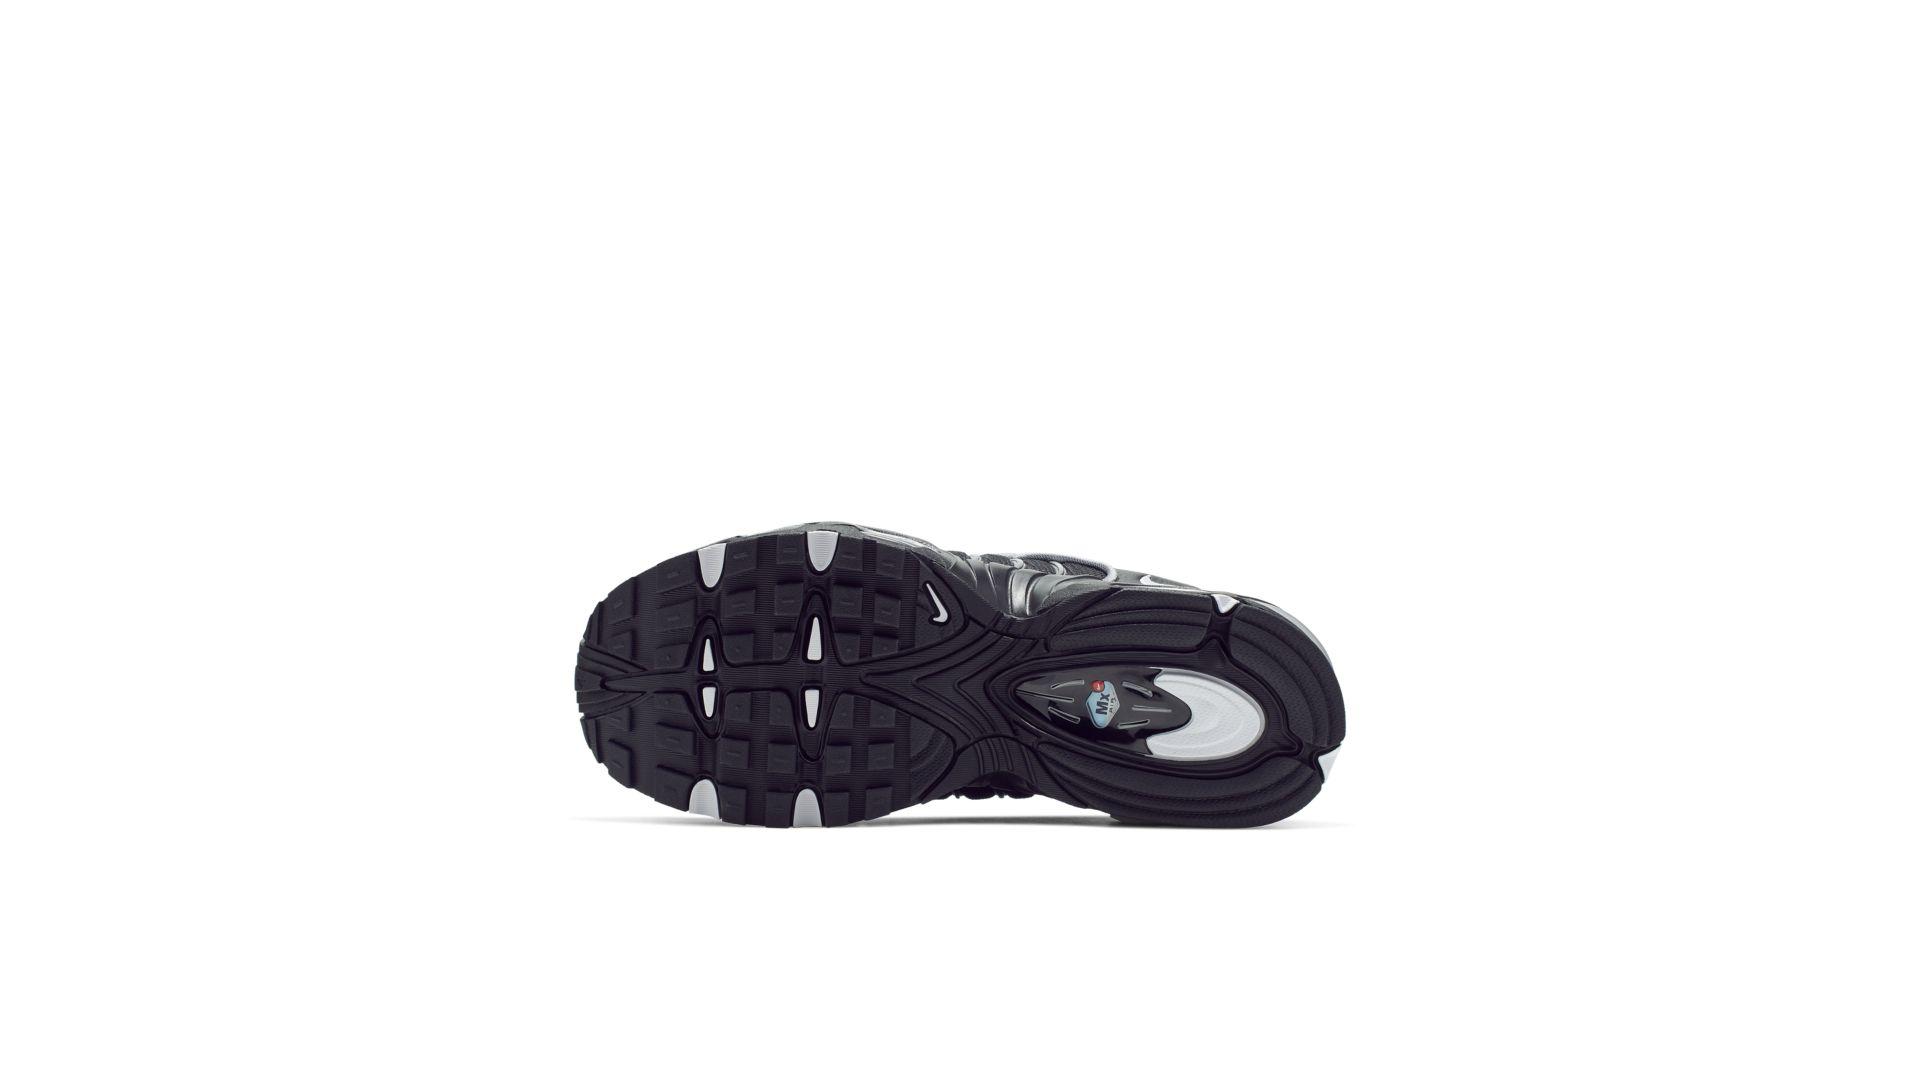 Nike Air Max Tailwind 4 Black Metallic Silver (GS) (BQ9810-002)